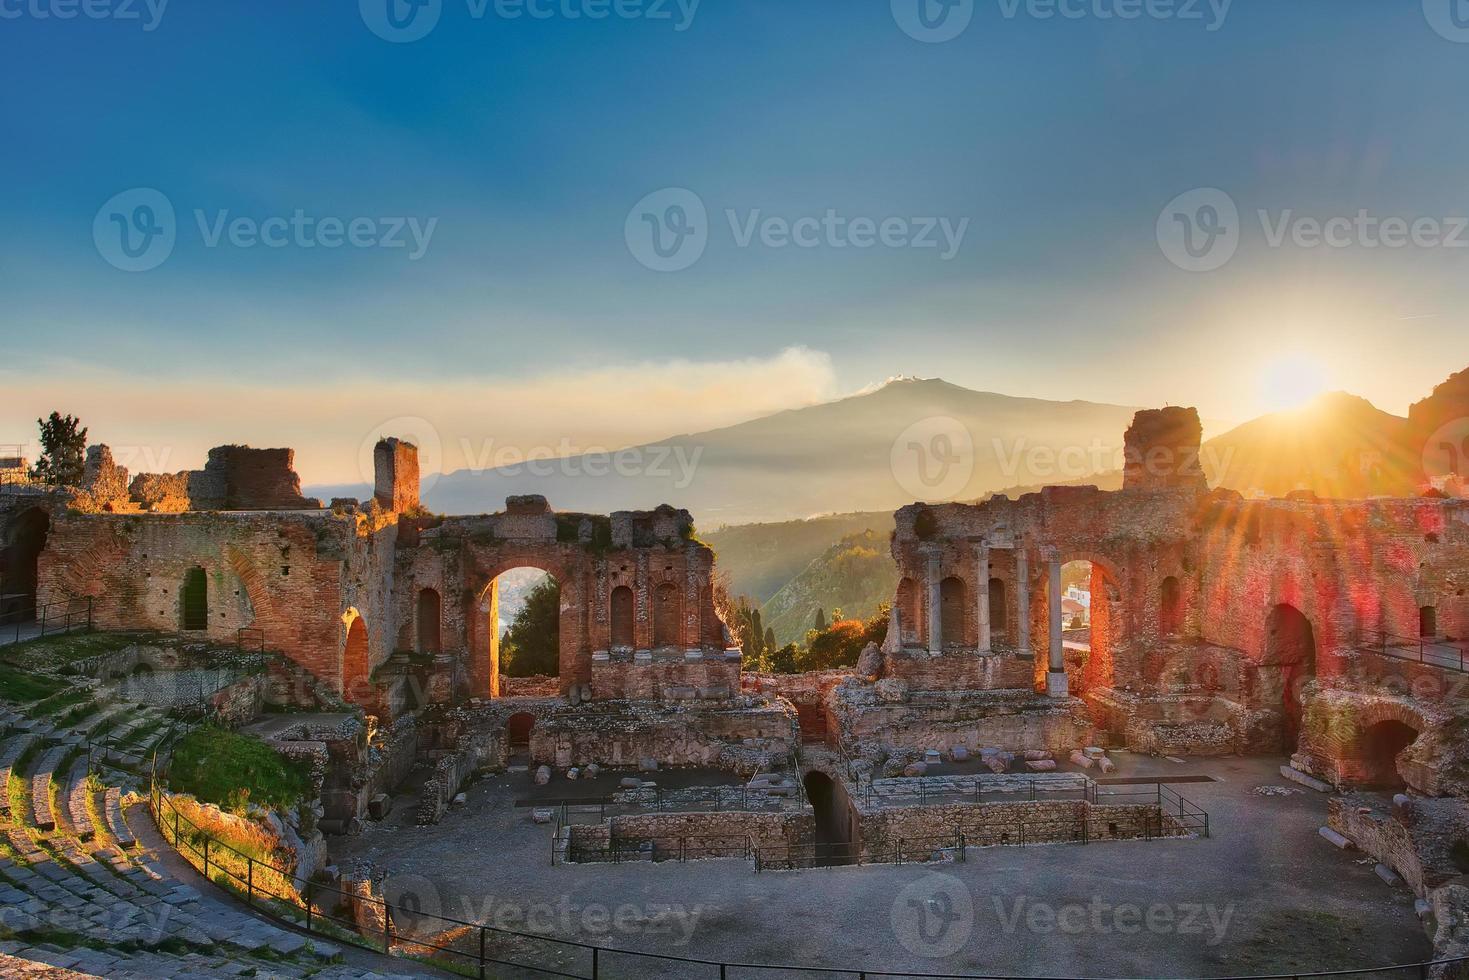 insbesondere des alten Theaters von Taormina mit Ätna ausbrechendem Vulkan bei Sonnenuntergang foto